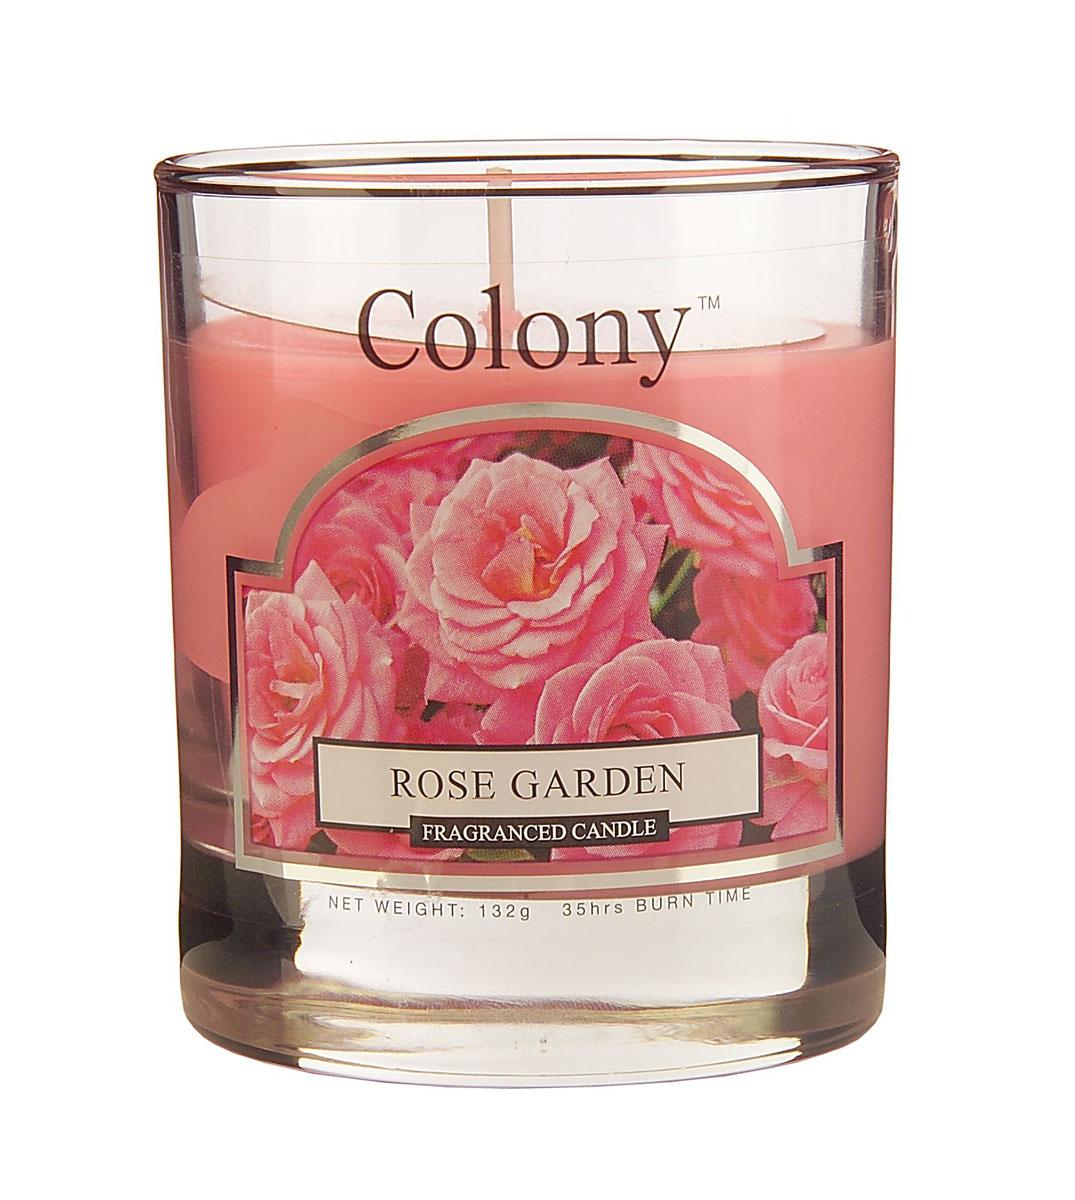 Wax Lyrical Розовый сад ароматизированная свеча в стекле малая, 35часовFS-91909Узнаваемый аромат свежесрезанных роз, переплетающийся с нотками гардении